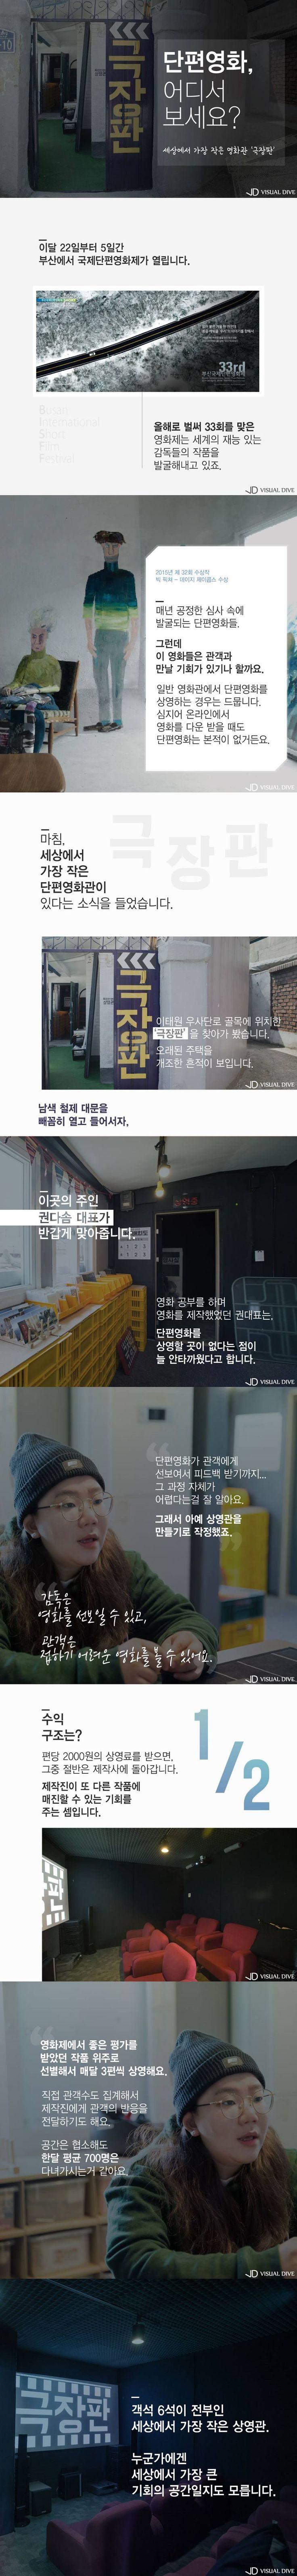 세상에서 가장 작은 영화관, 이태원 '극장판' [카드뉴스] #cinema / #cardnews ⓒ 비주얼다이브 무단 복사·전재·재배포 금지